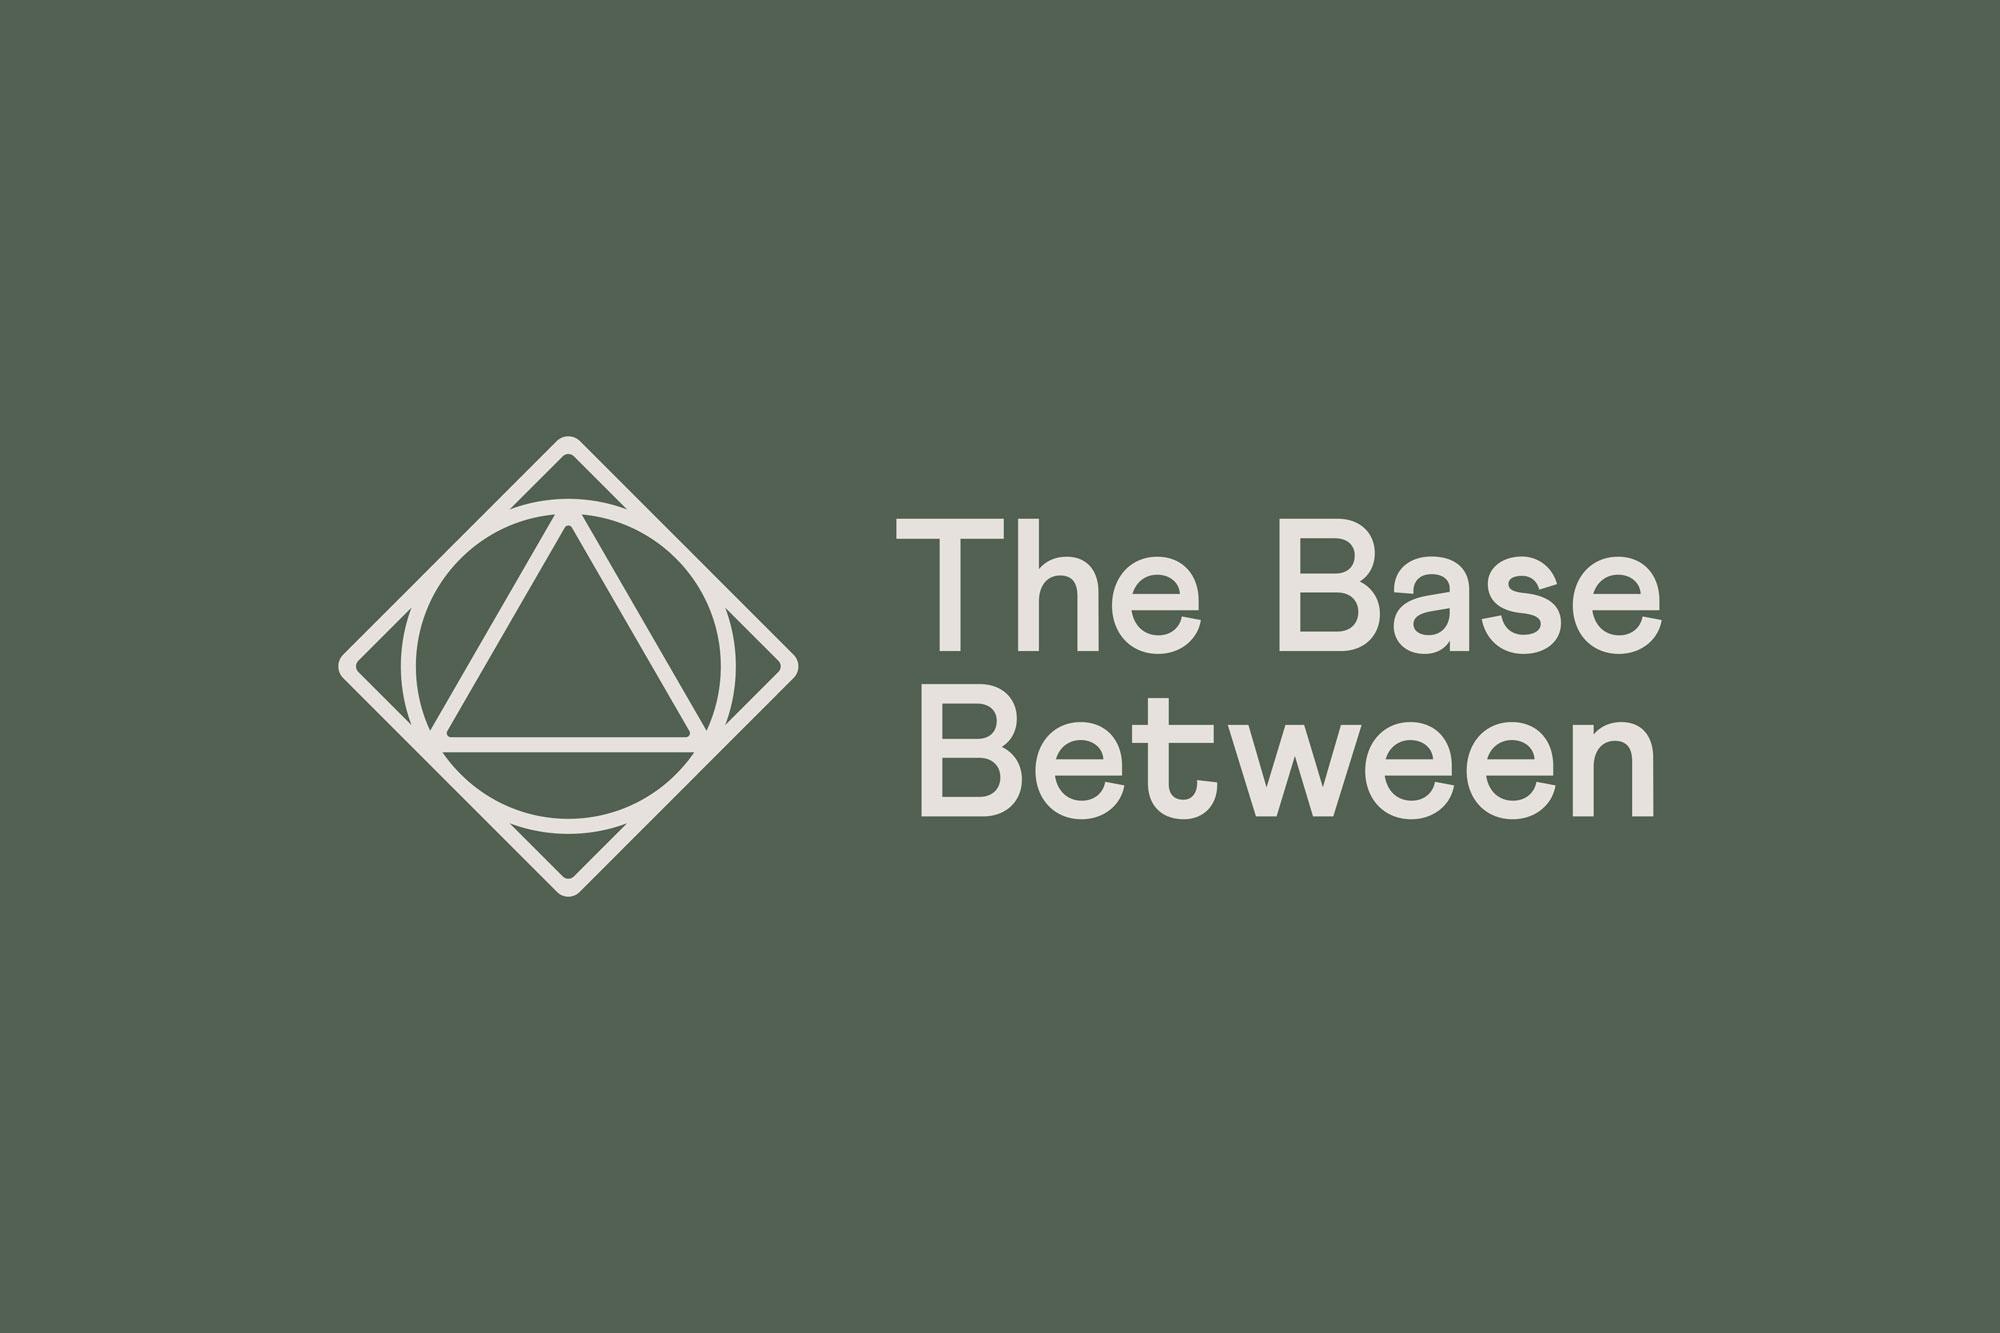 thebasebetween_logo_00